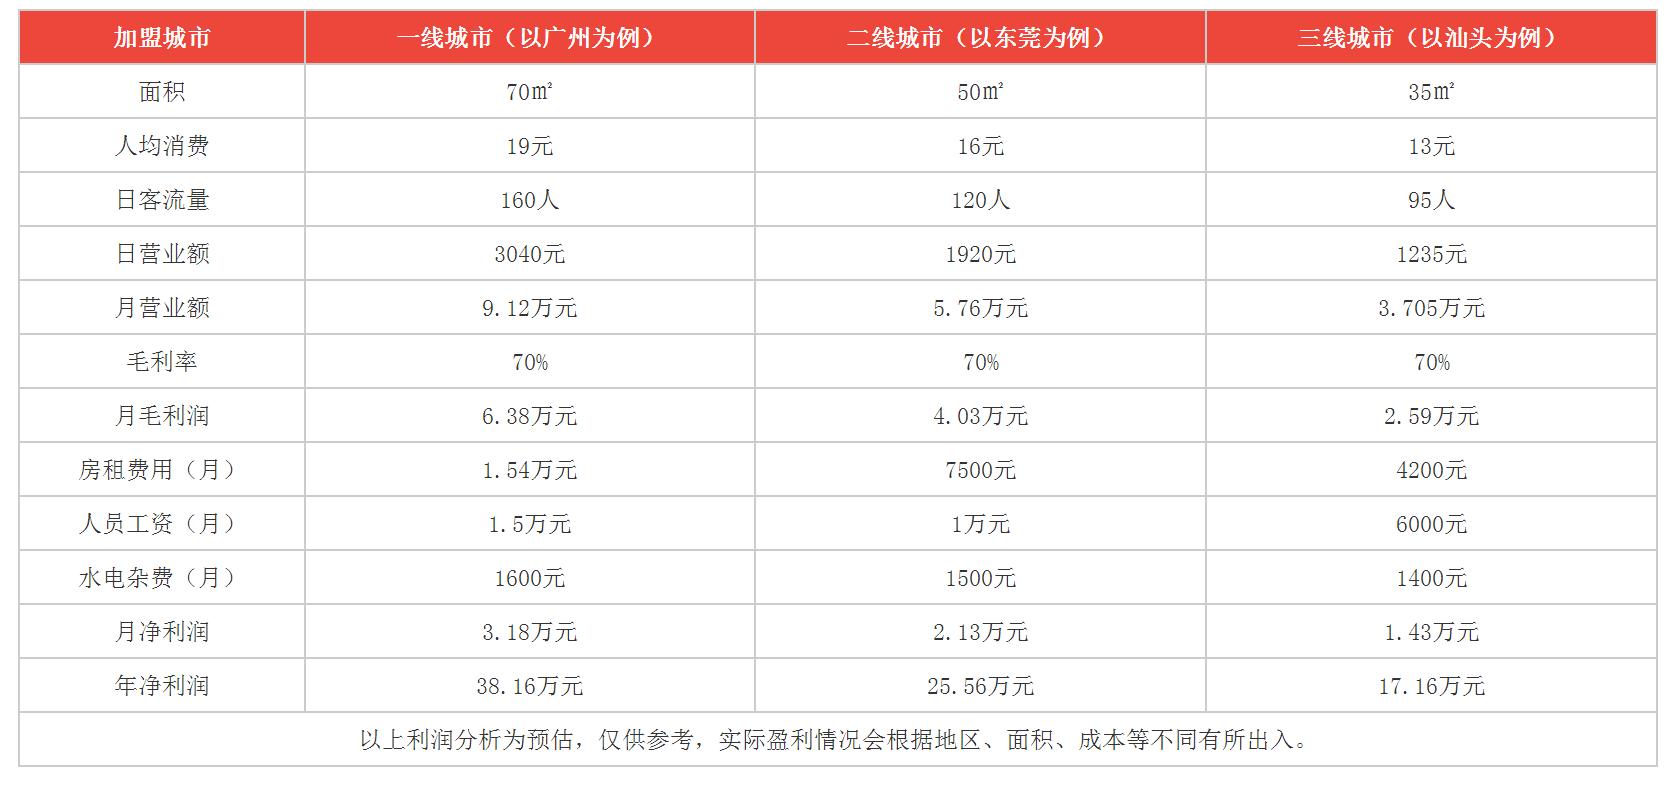 鲜茶道利润分析